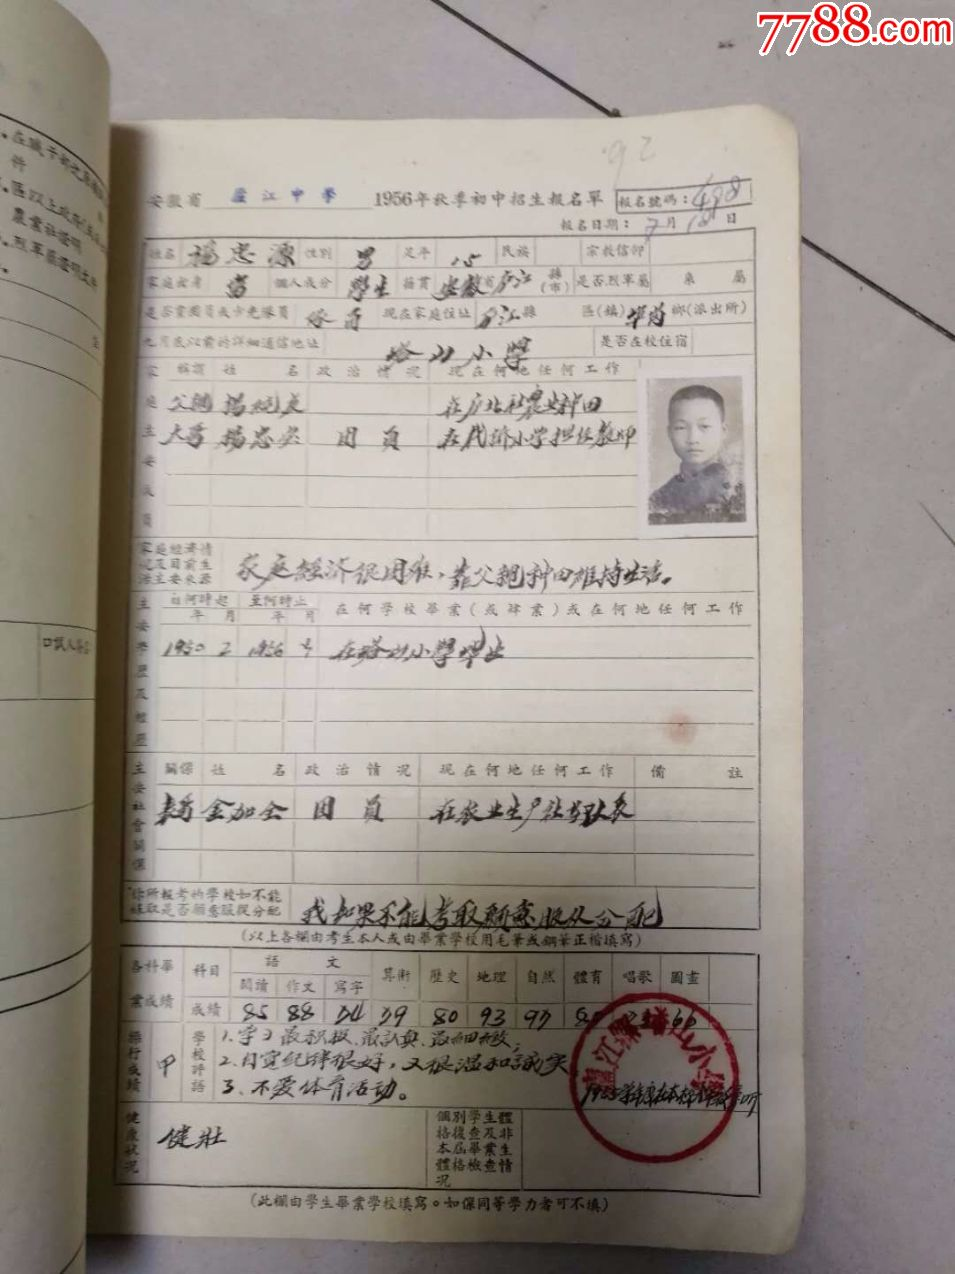 安徽省庐江男生1956年秋季中学初中报名单50女生抱学生初中图片